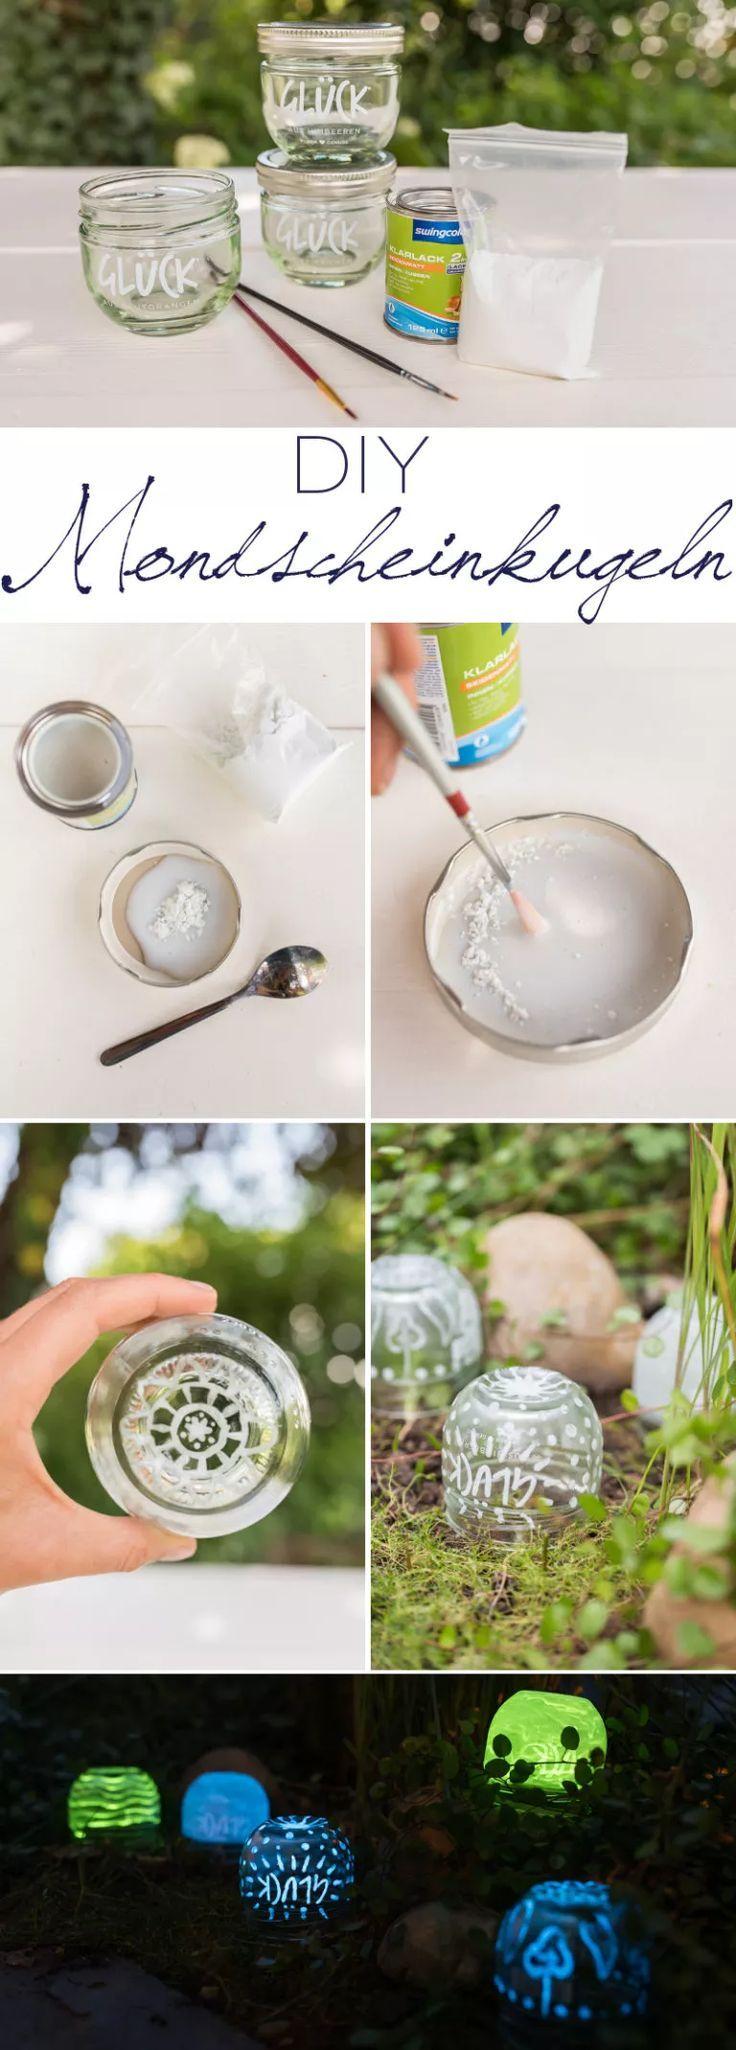 DIY – Gartendekoration: Moonlight Balls (leuchten im da